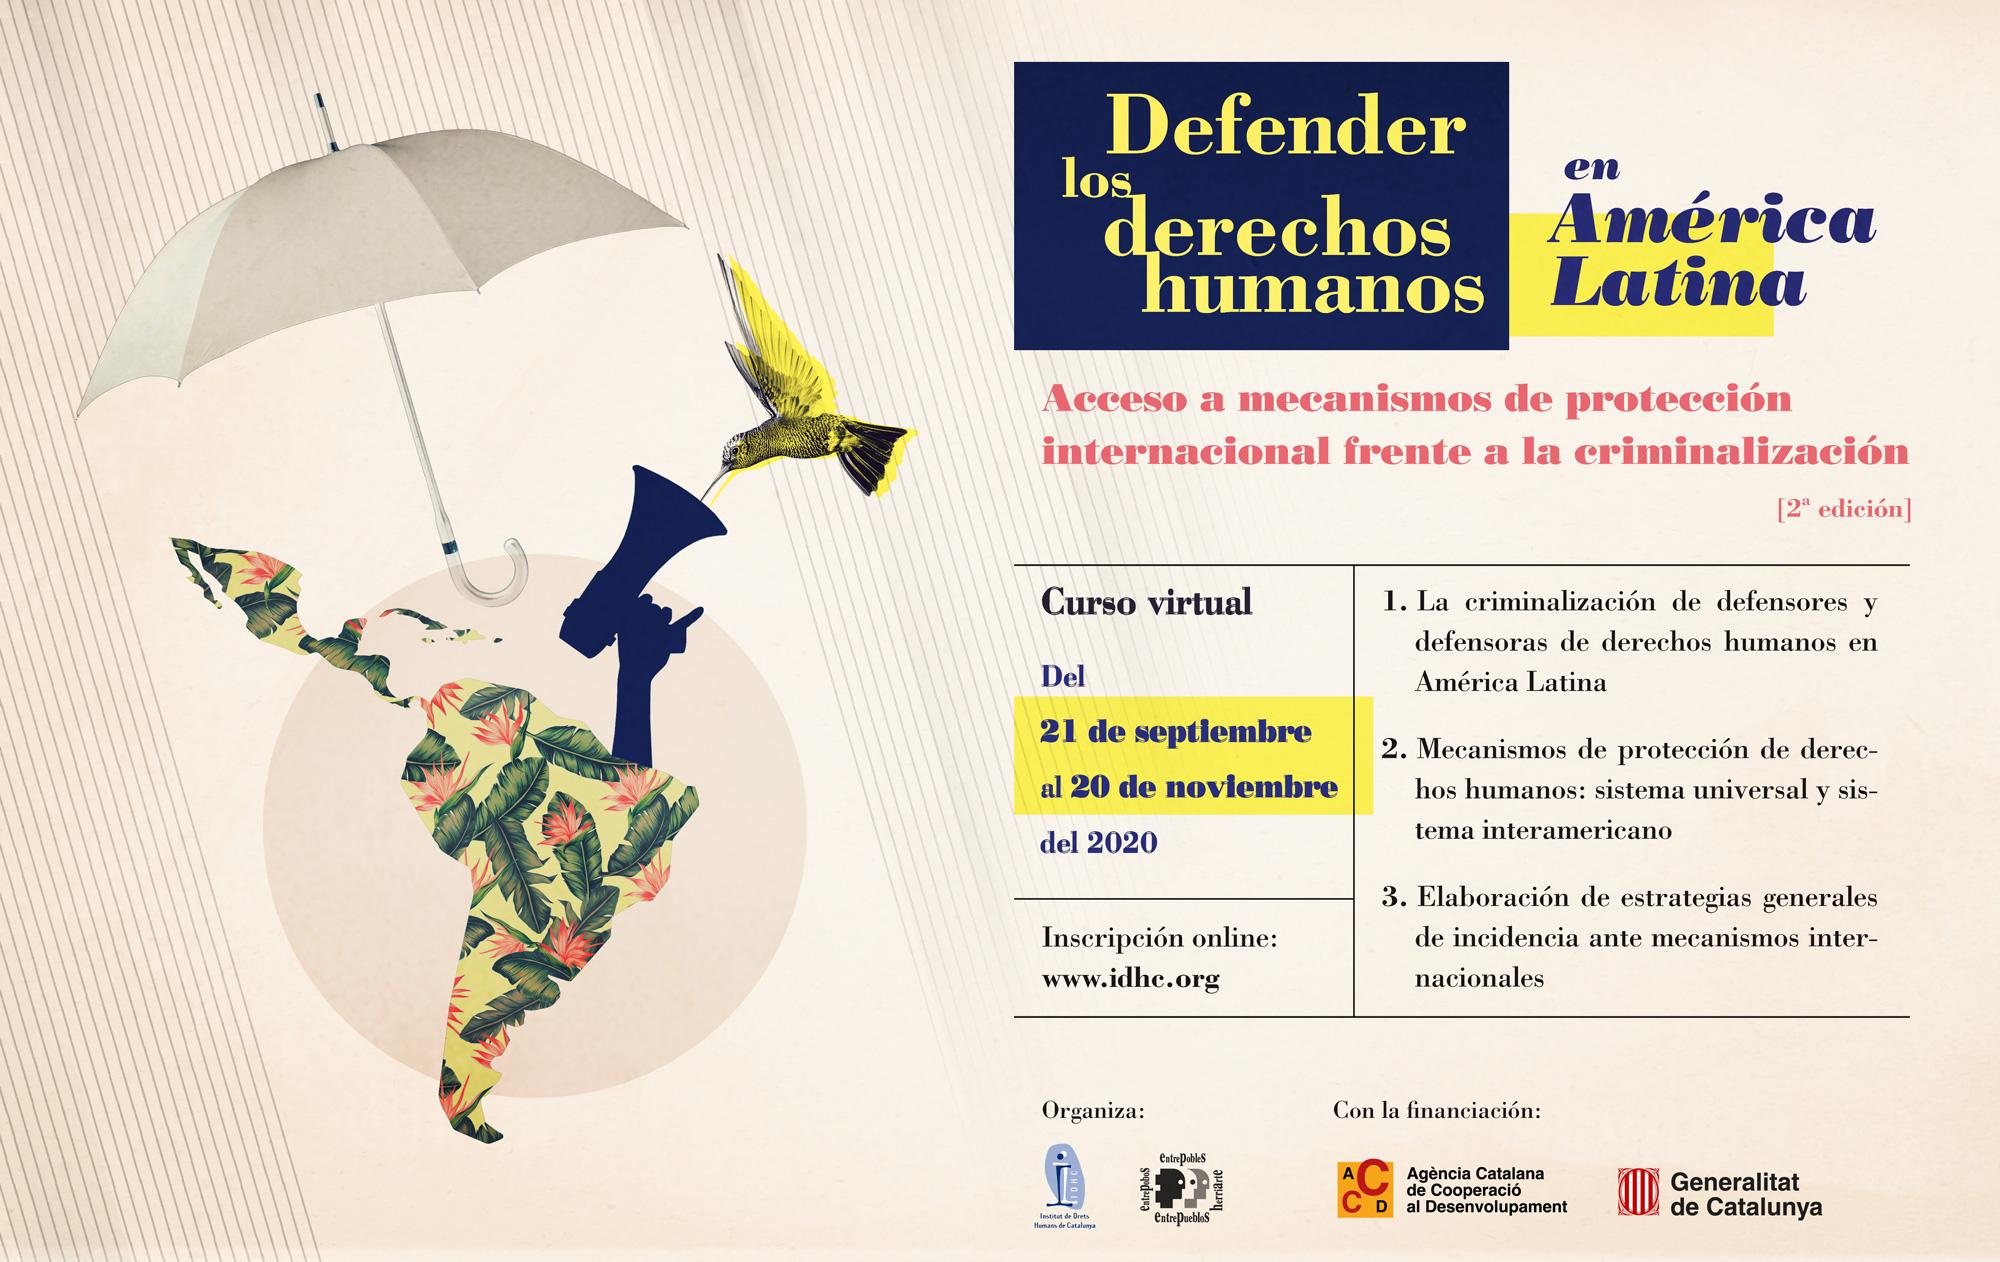 Defender los derechos humanos en América Latina: acceso a mecanismos de protección internacional frente a la criminalización (2ª edición)